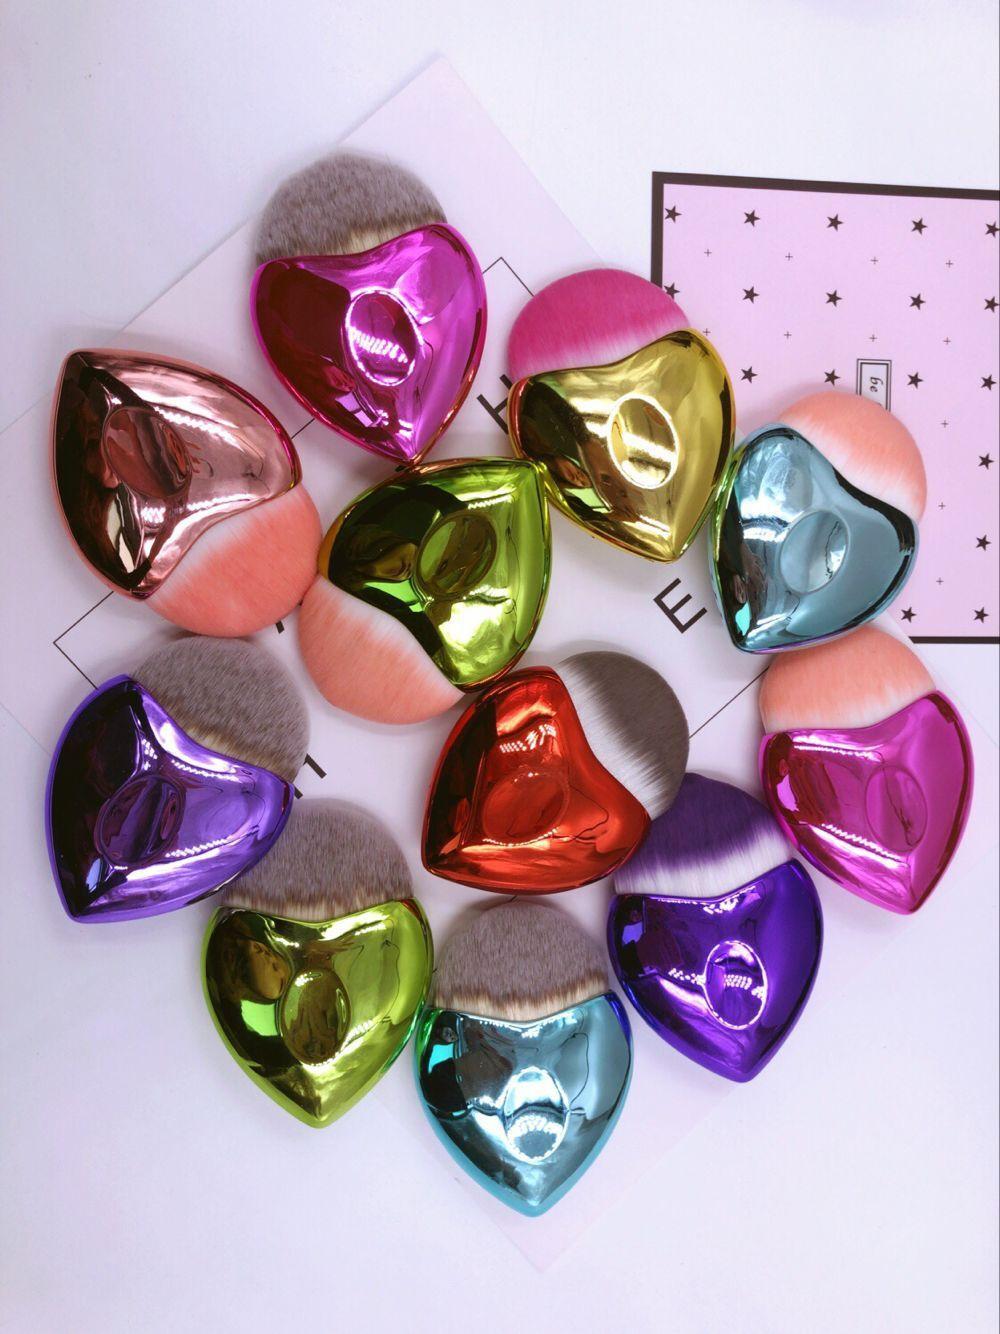 Mango de plástico portátil en forma de corazón brocha de base galvanoplastia polvo suelto rubor maquillaje brocha maquillaje herramienta Accesorios